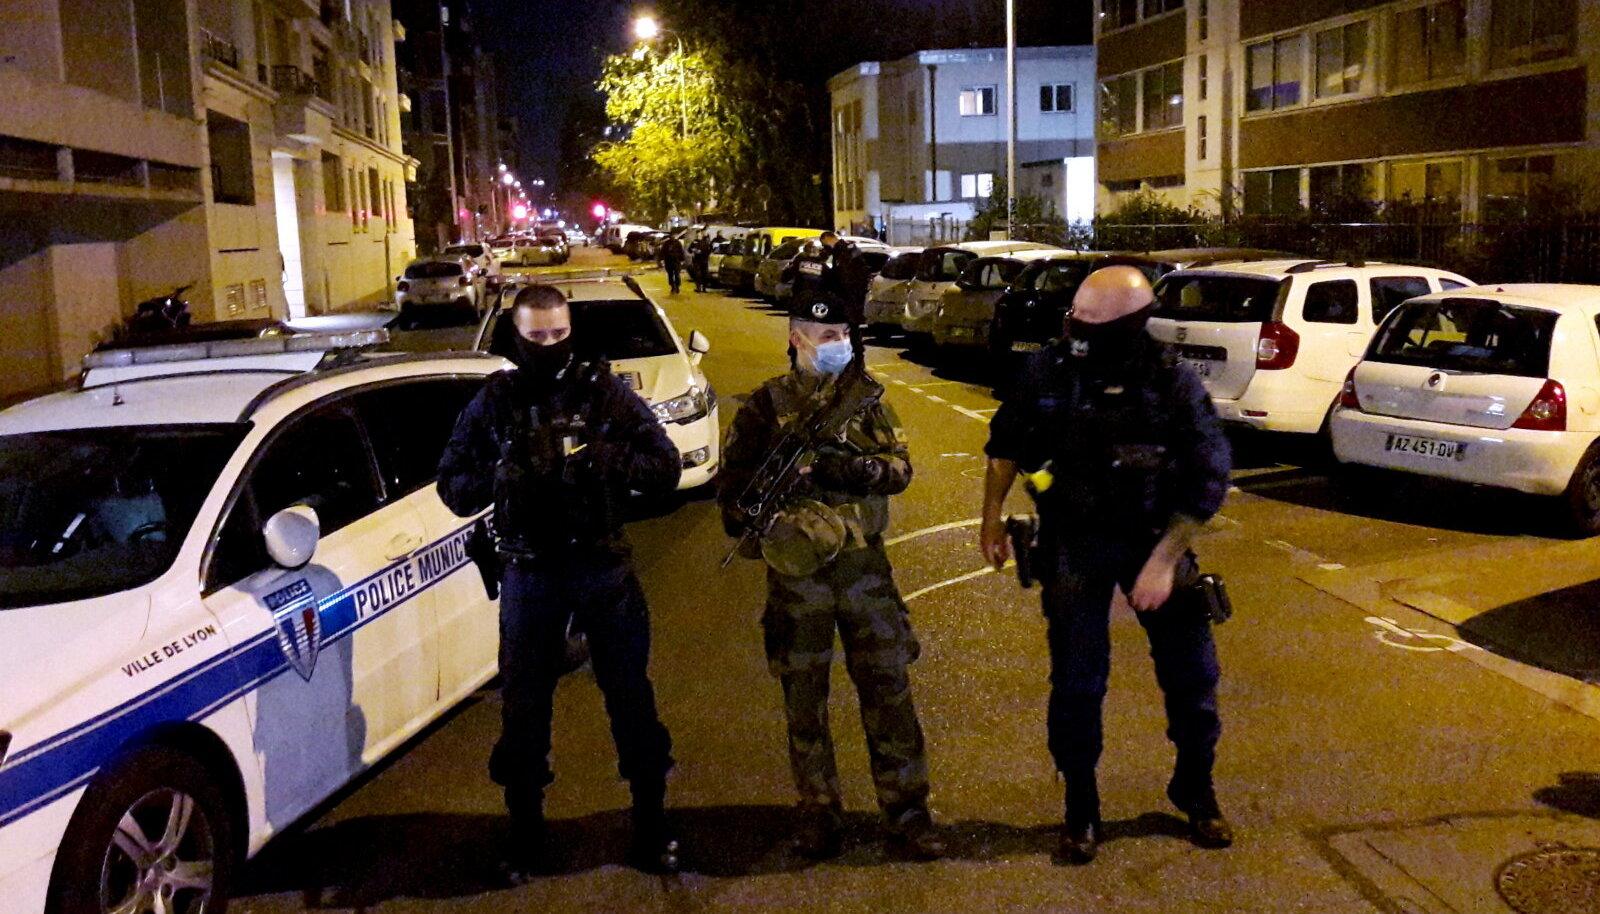 Politsei 31. oktoobril sündmuskohal. Selgub, et tulistaja motiivid olid seotud hoopis abieluprobleemidega.